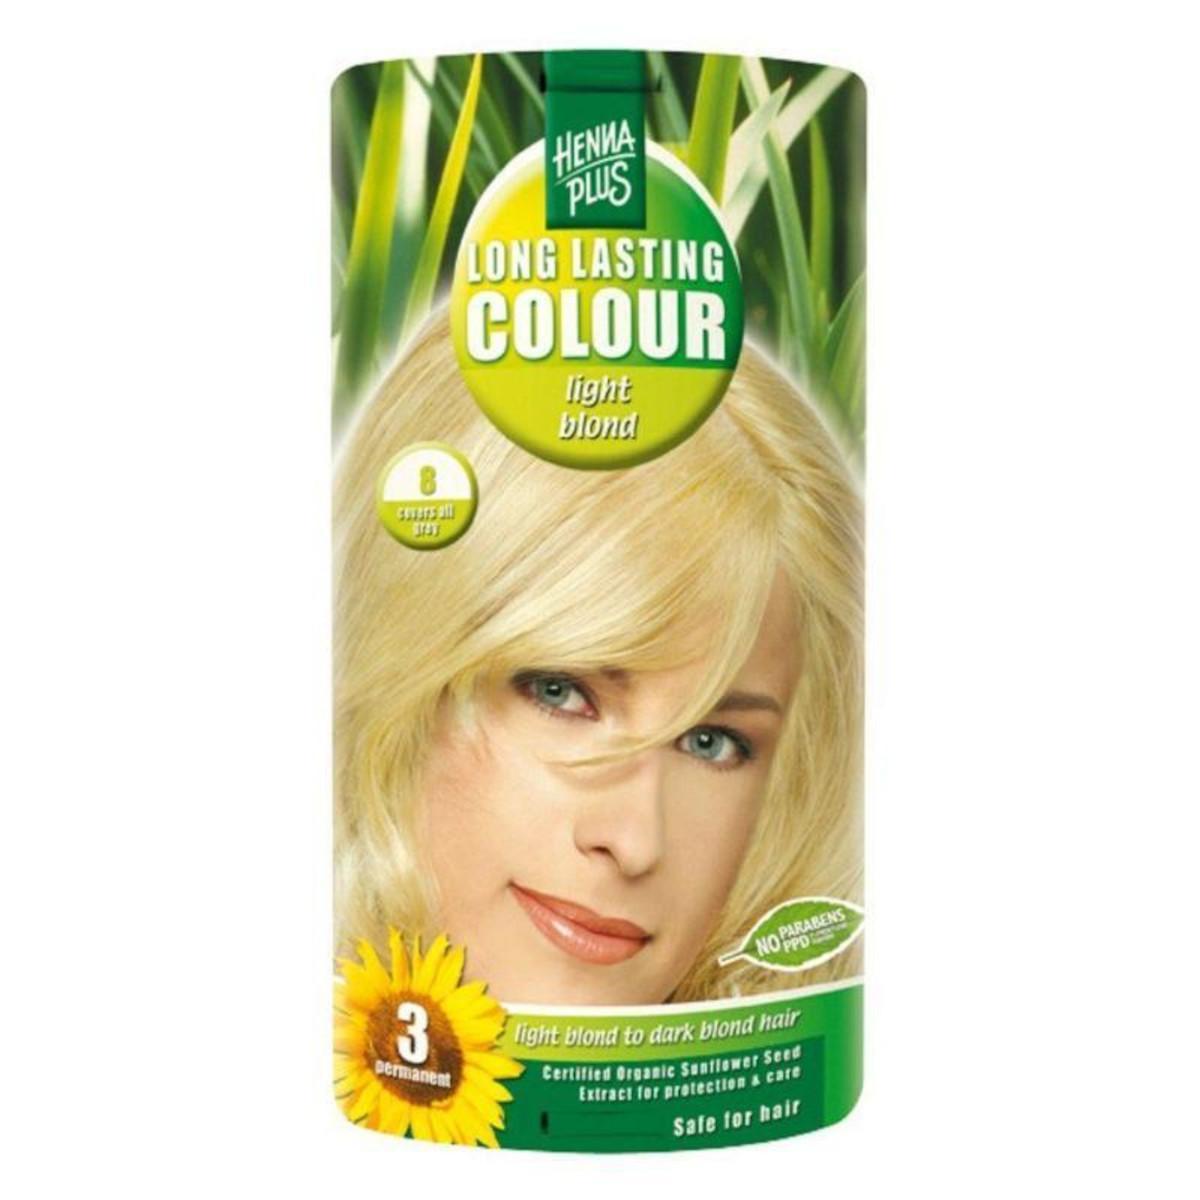 Henna Plus Dlouhotrvající barva Světlá blond 8 100 ml